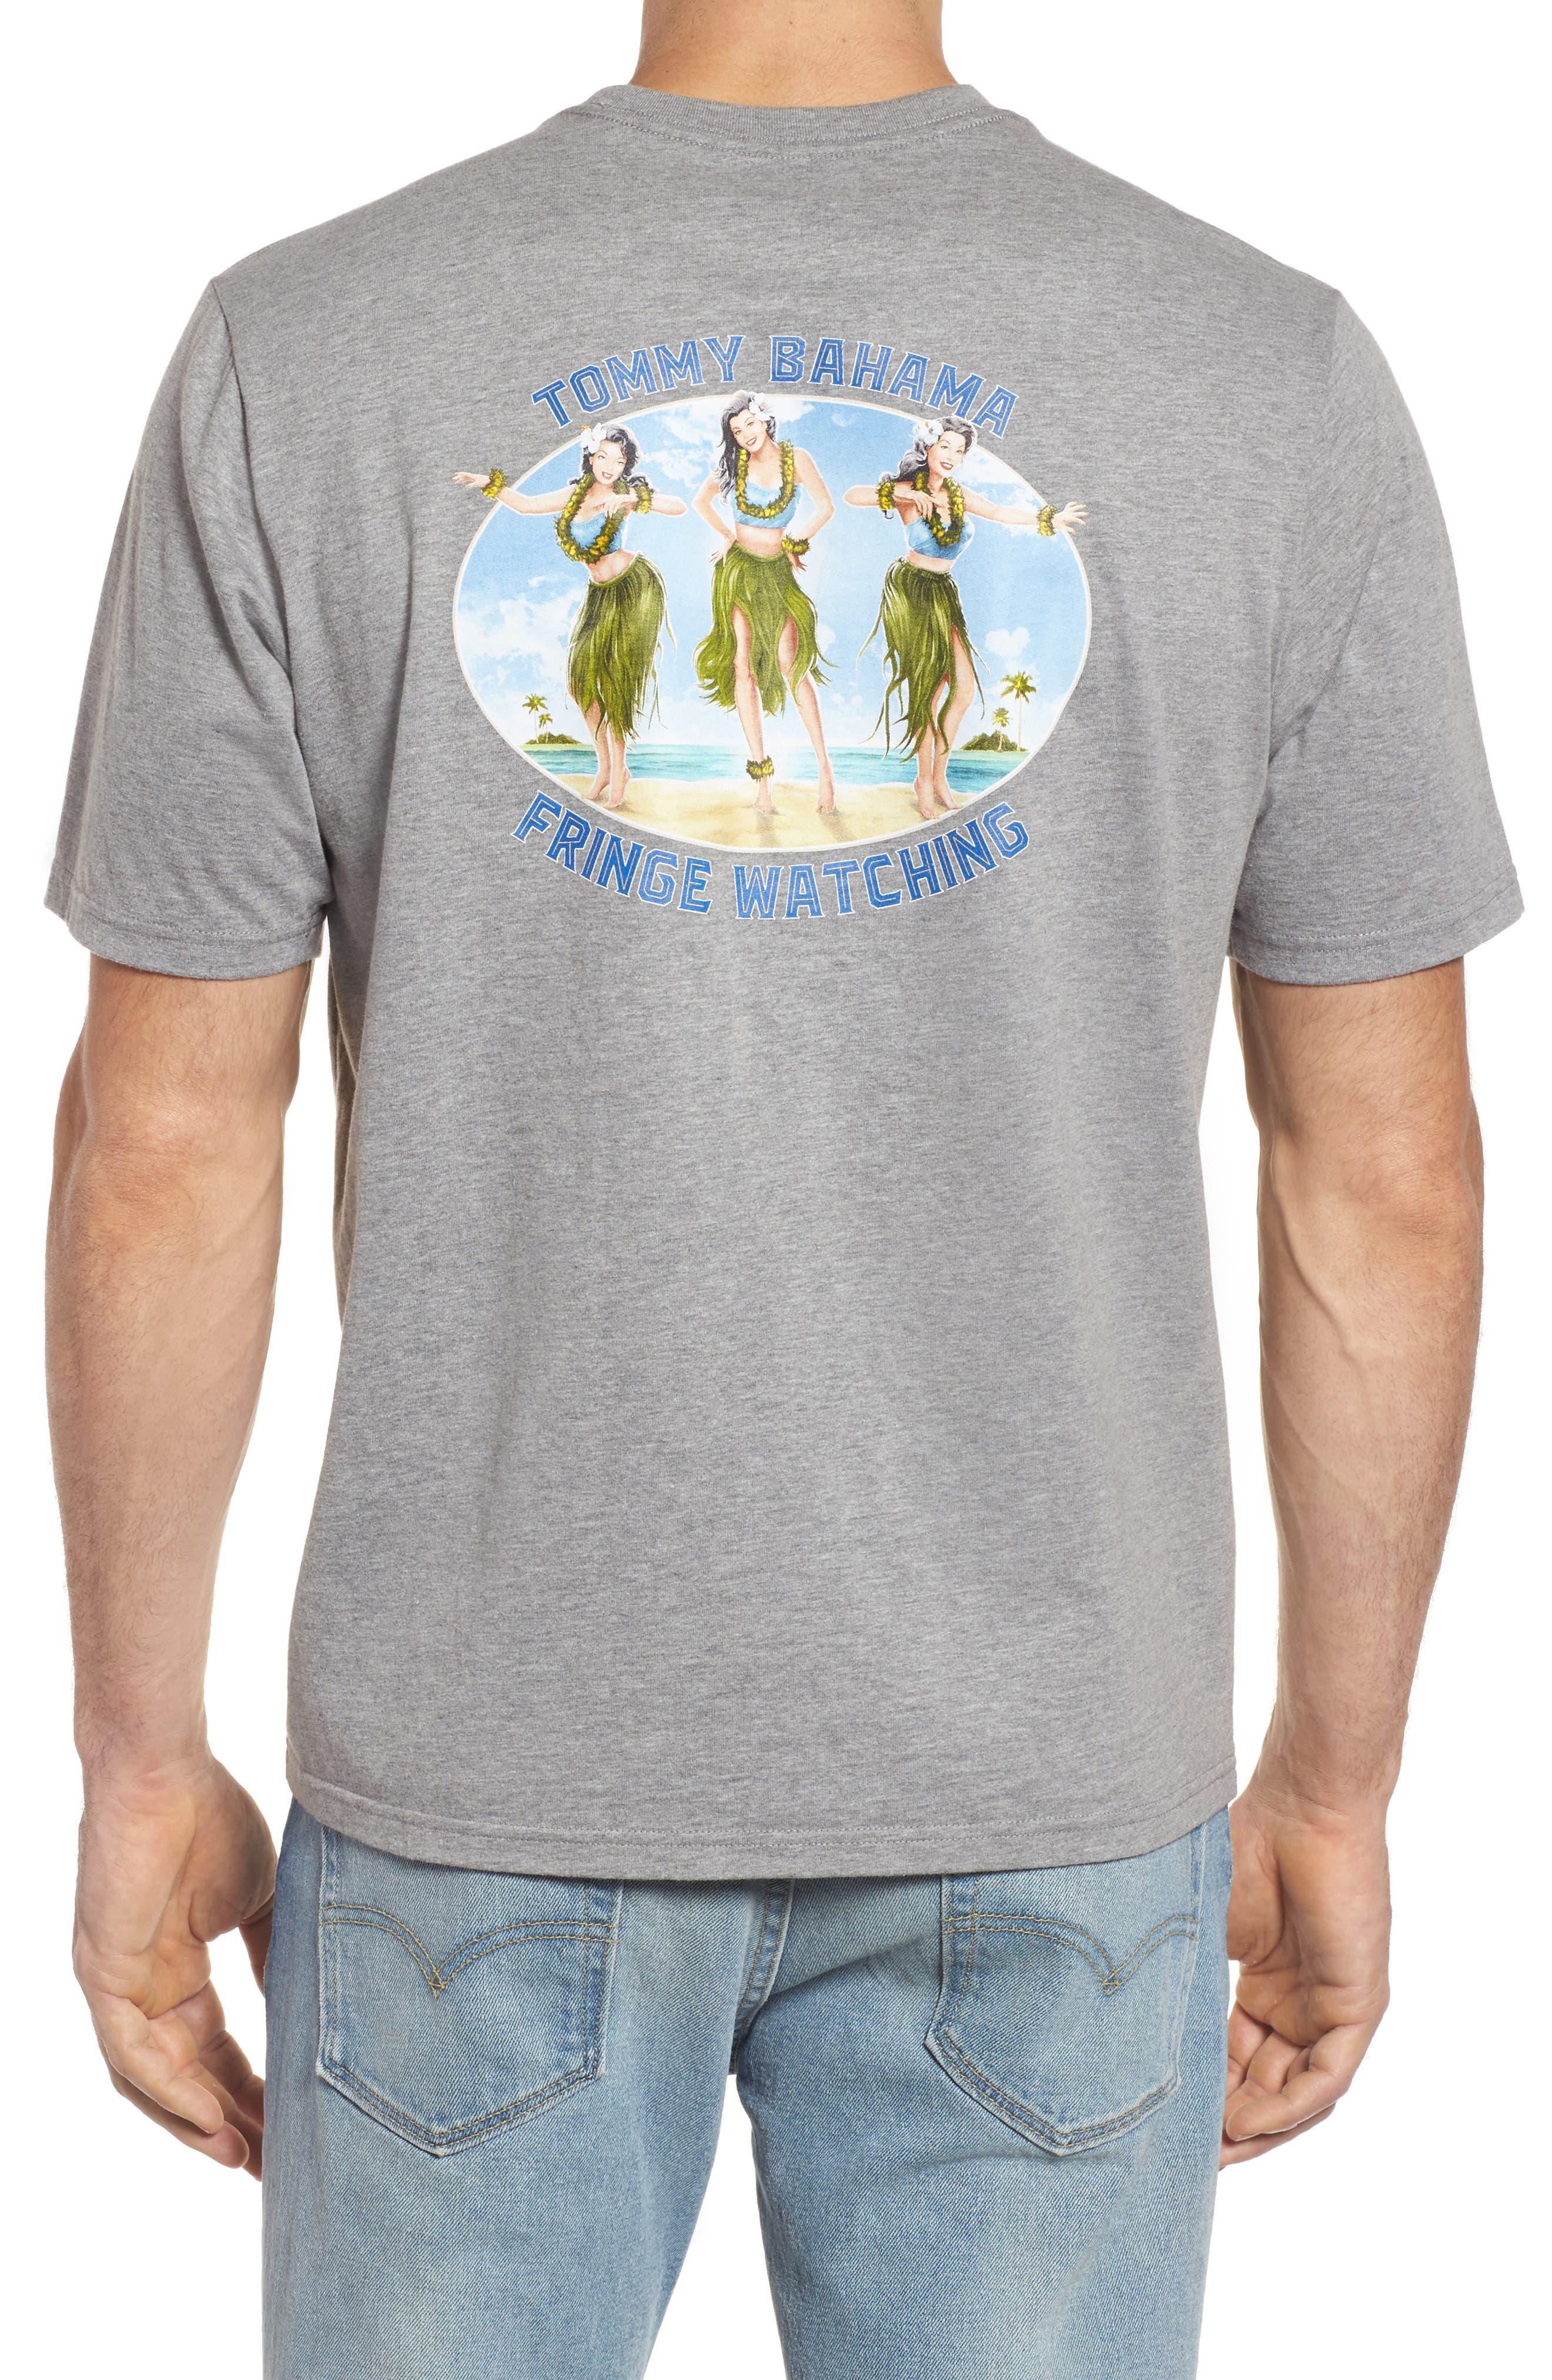 Main Image - Tommy Bahama Fringe Watching Graphic T-Shirt